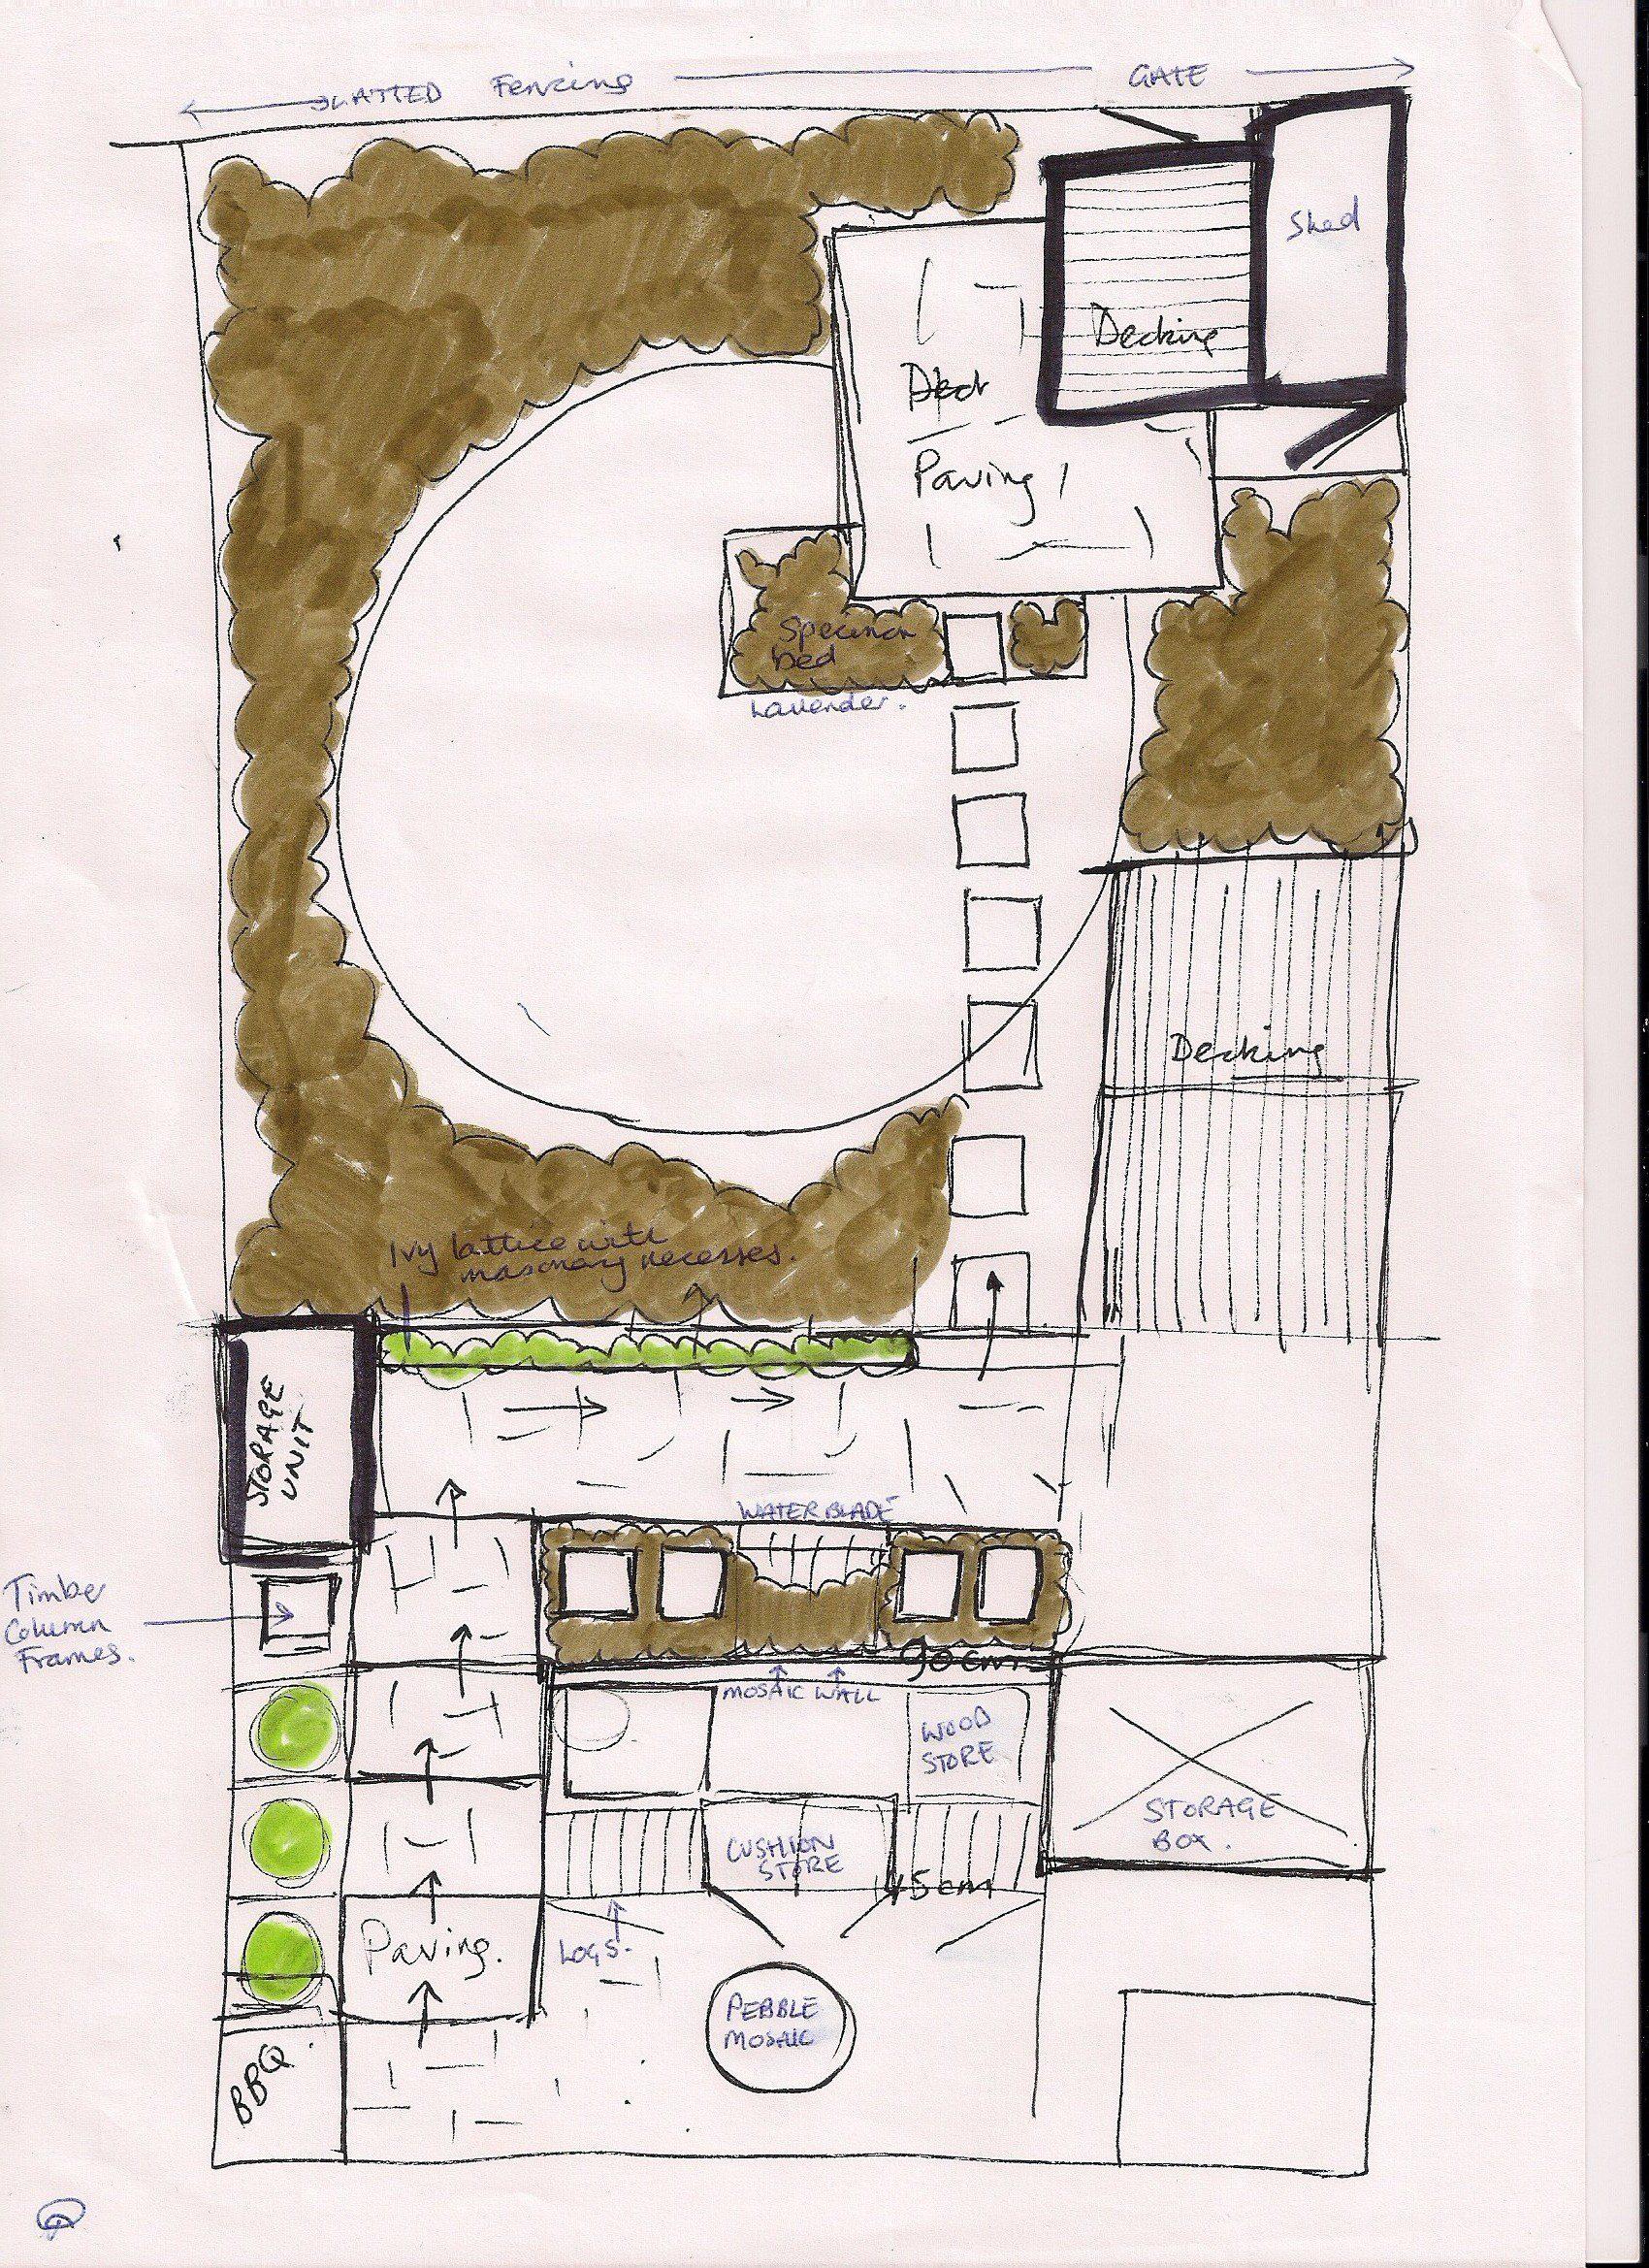 Sketch for terraced garden